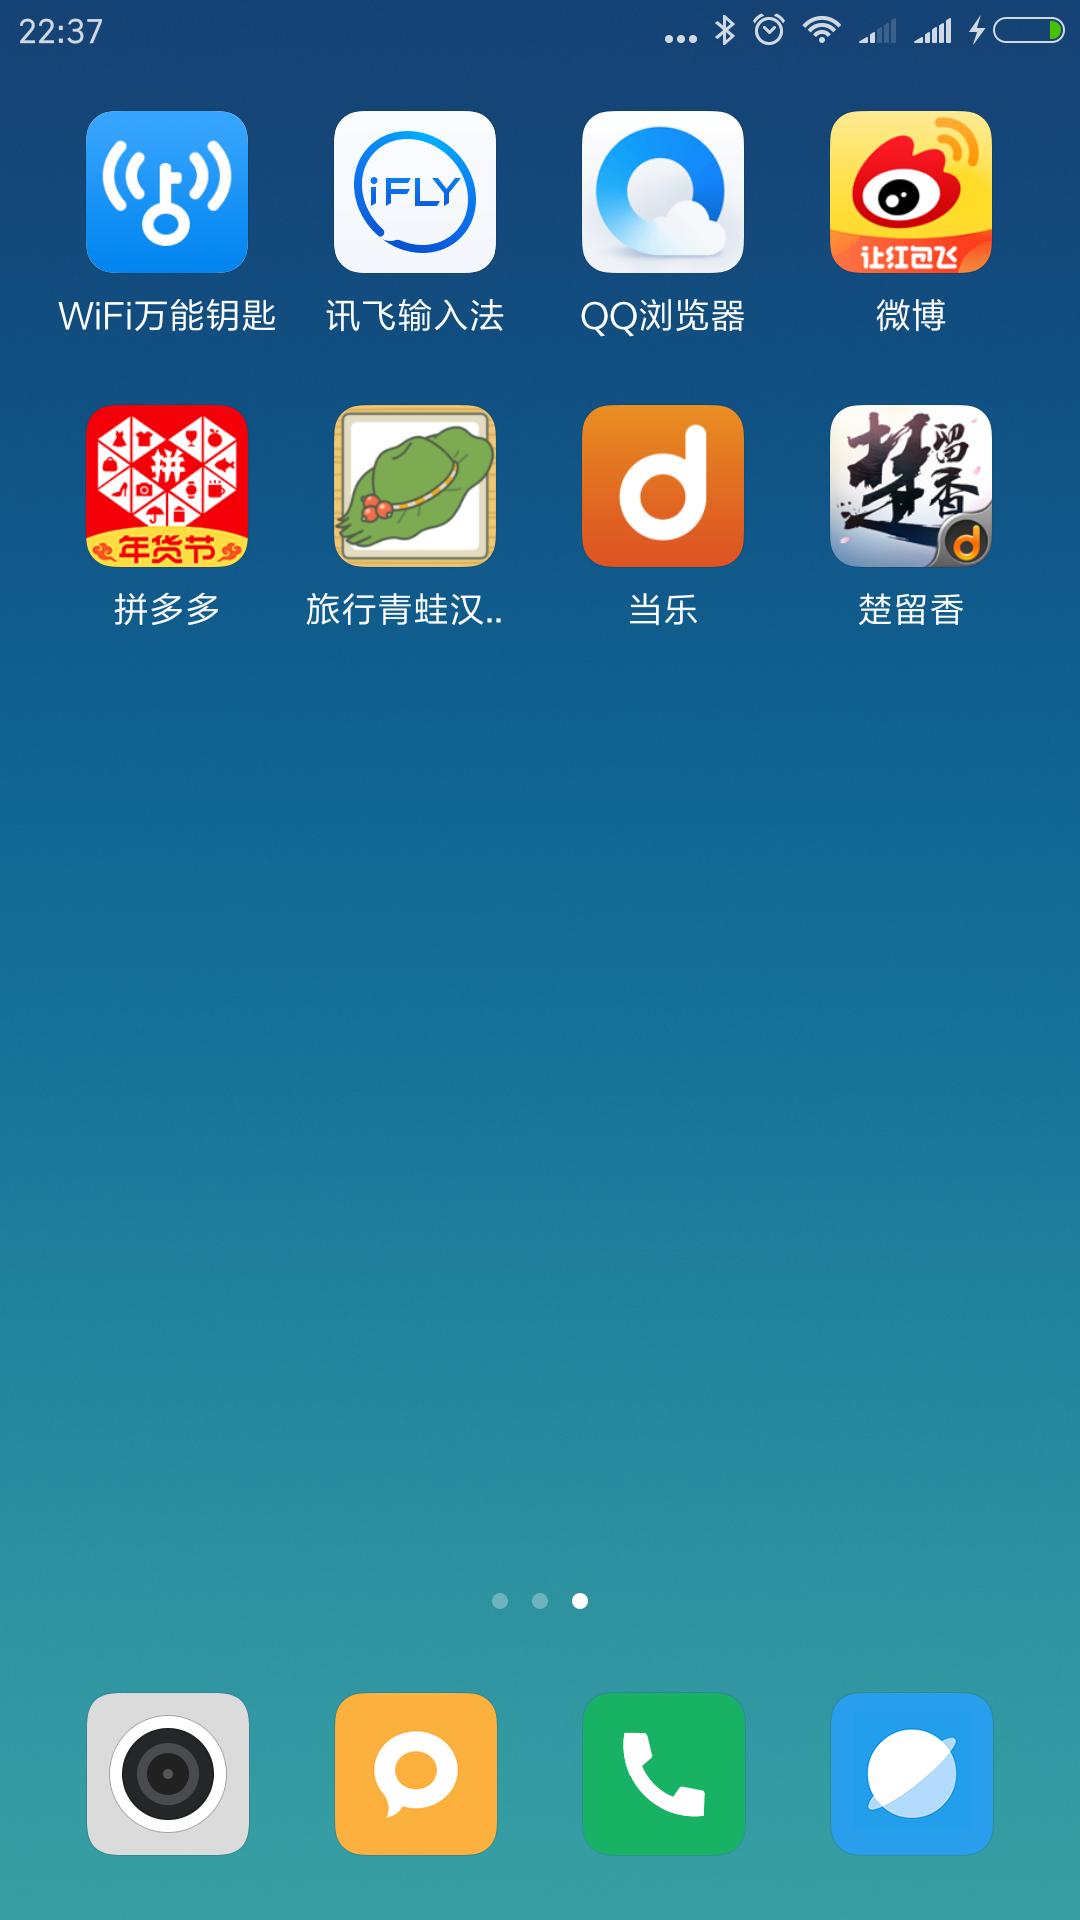 Screenshot_2018-01-29-22-37-58-677_com.miui.home.png